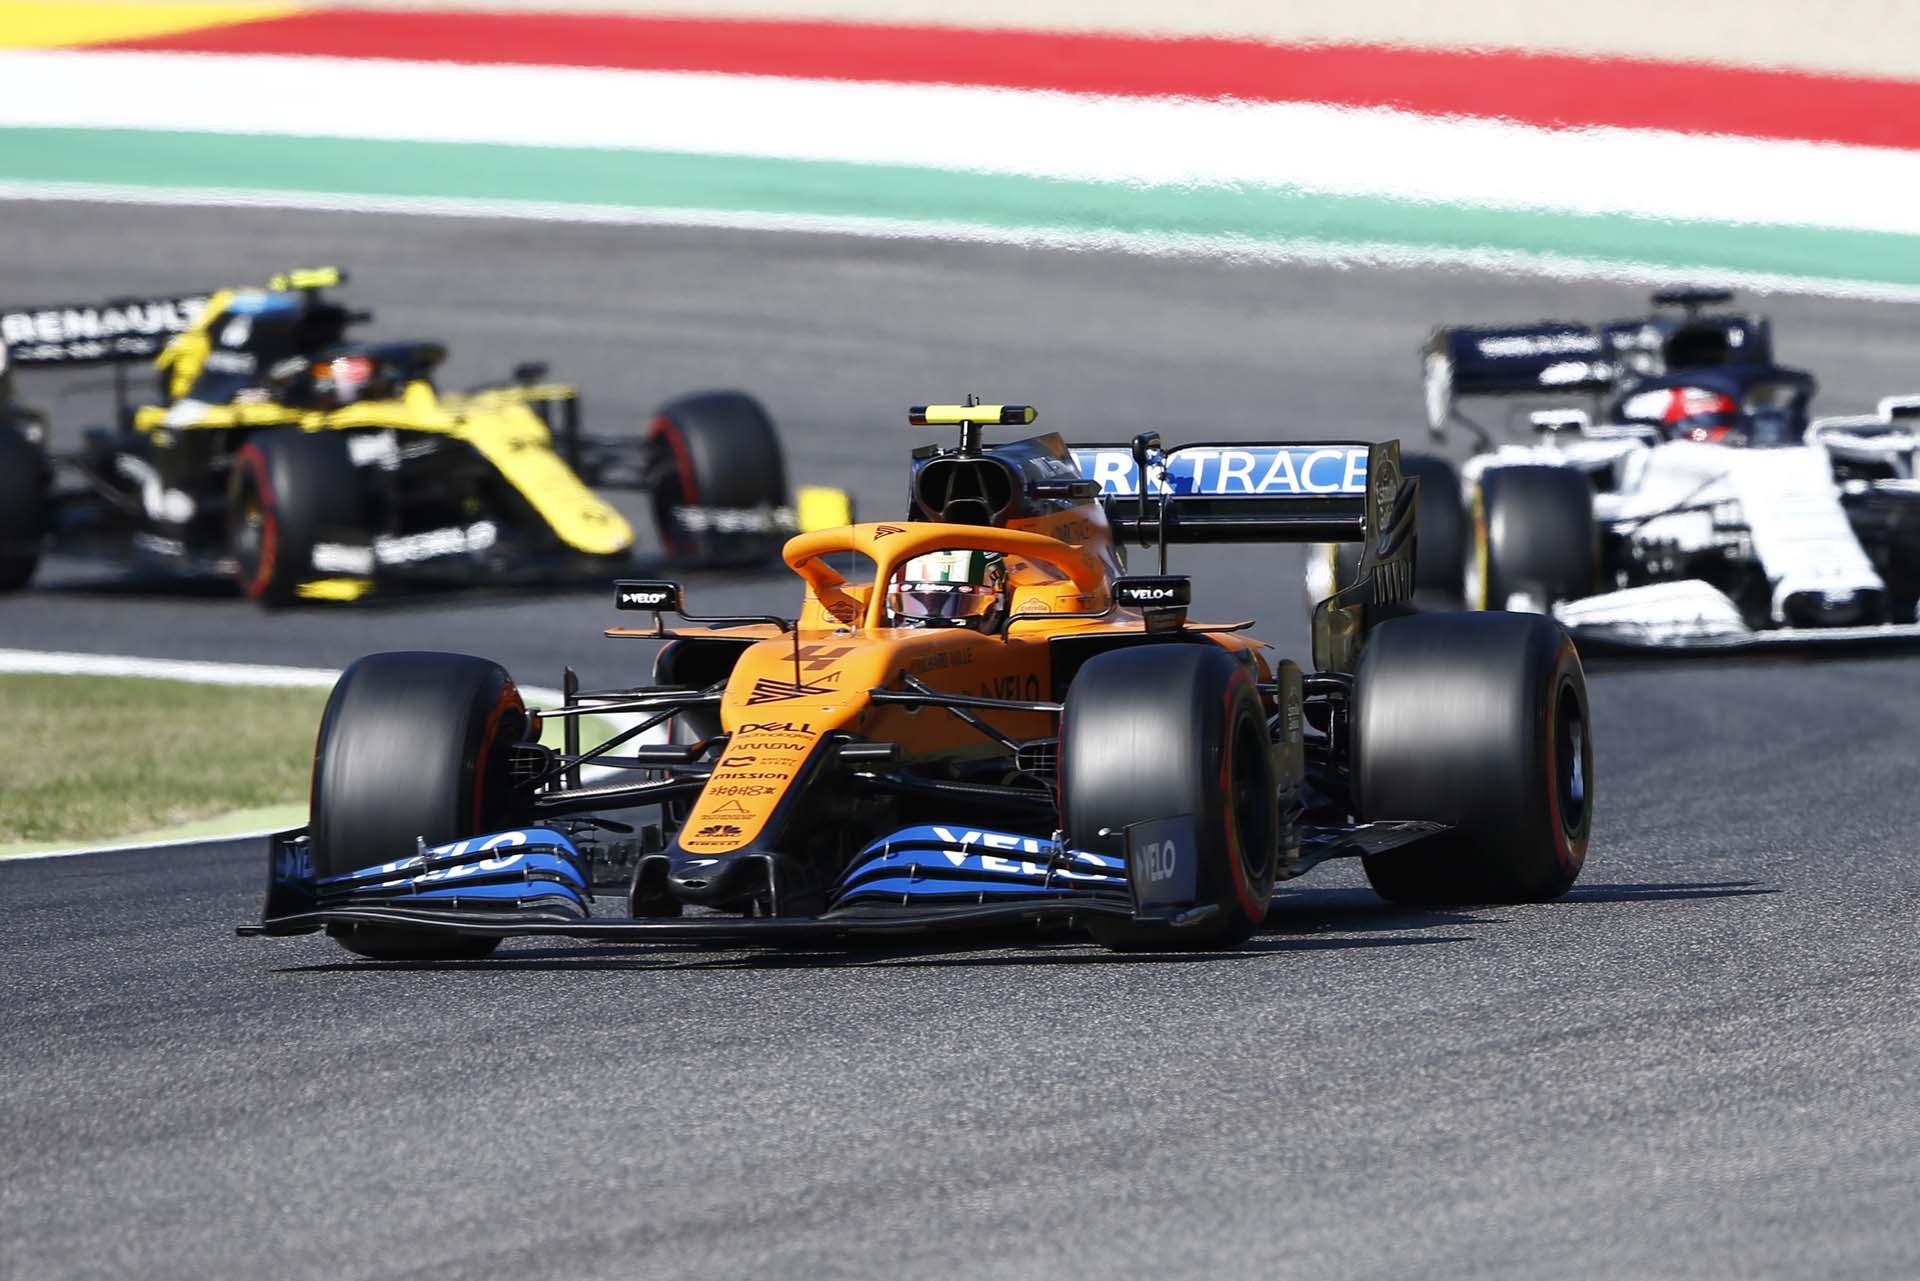 2020TuscanyGPSunday_McLaren_2020TuscanGrandPrixSundayGP2009_131605_ONY4708